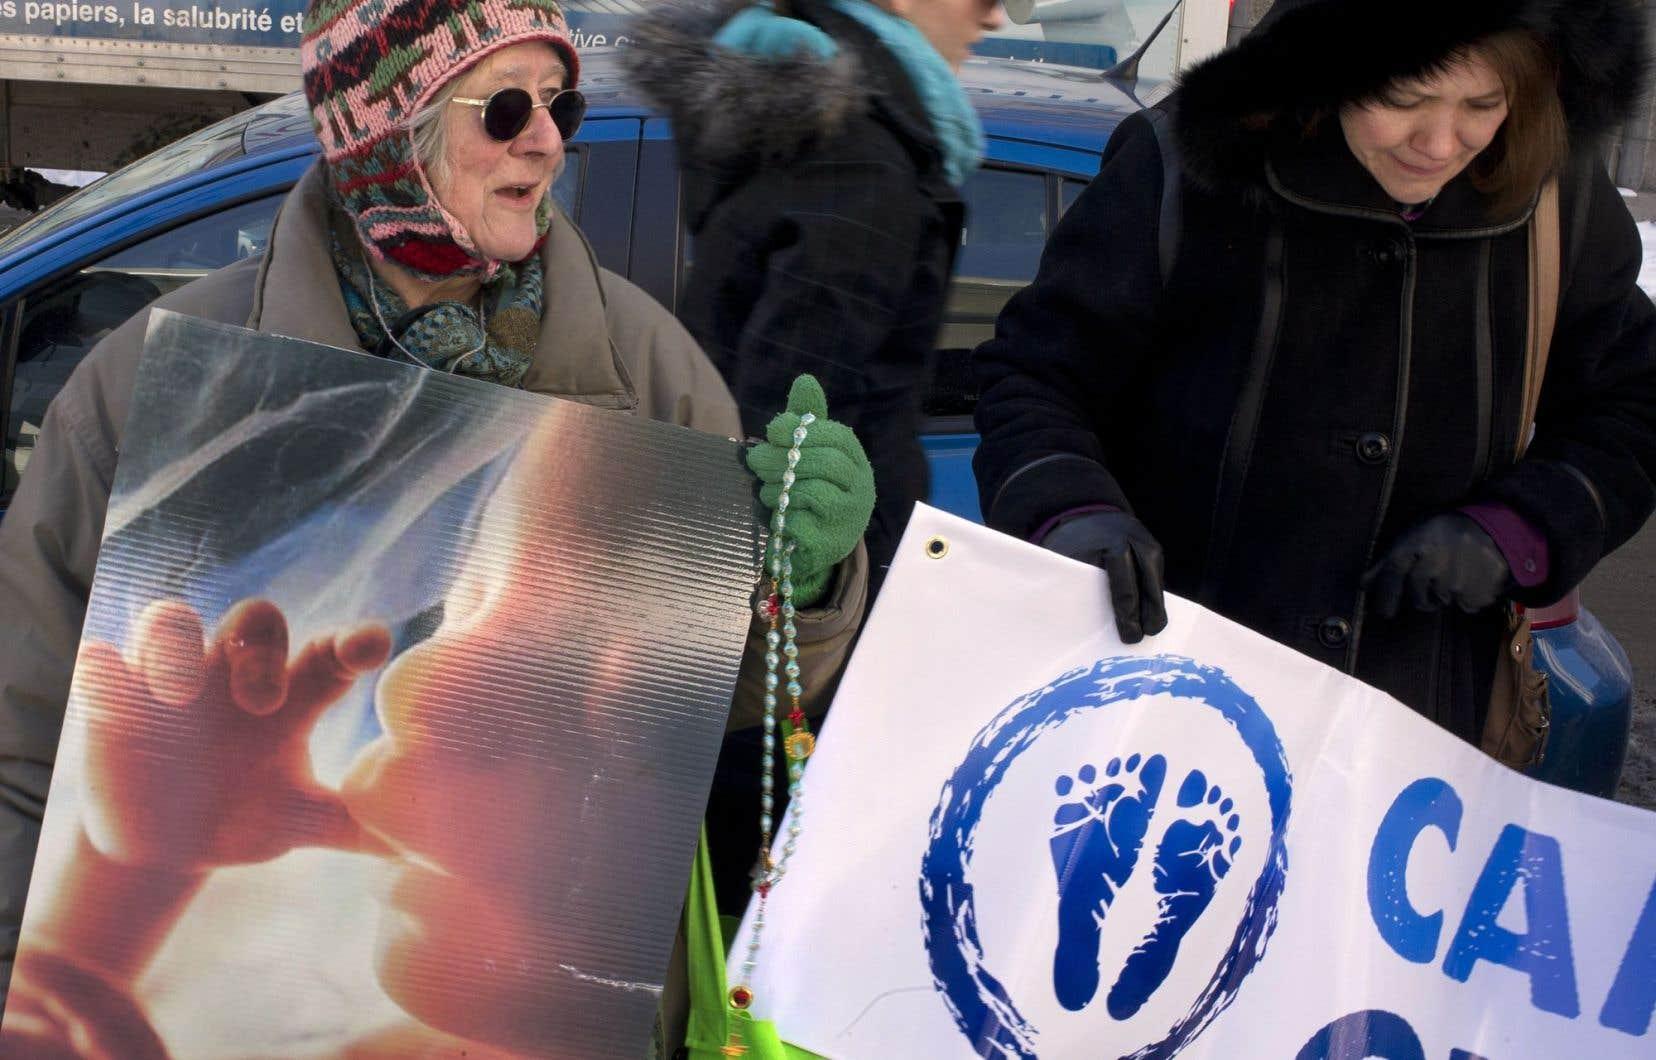 Les groupes pro-vie seraient derrière 22 centres d'aide à la grossesse au Québec.